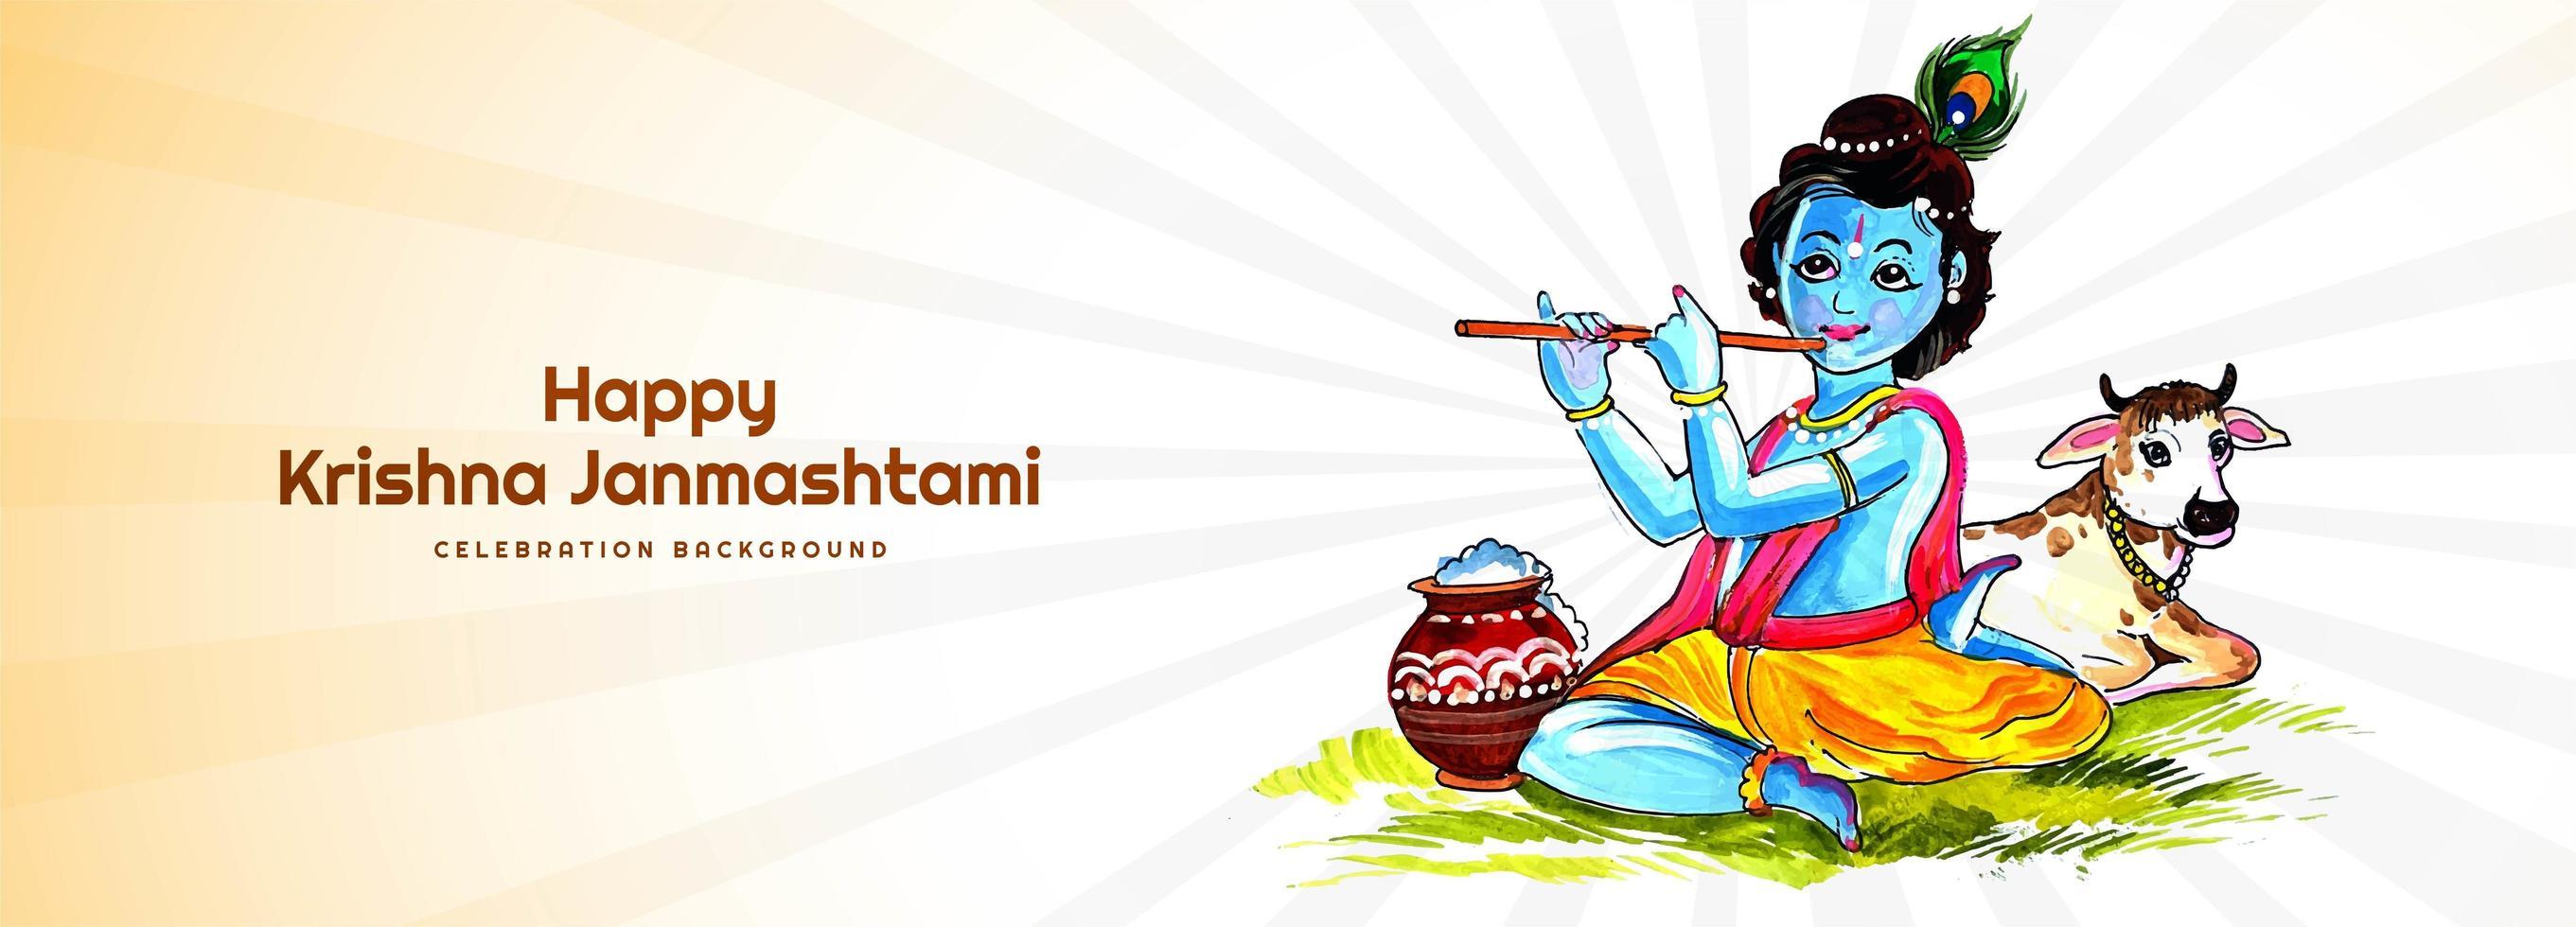 glückliches krishna janmashtami, das Flötenfestival-Banner spielt vektor